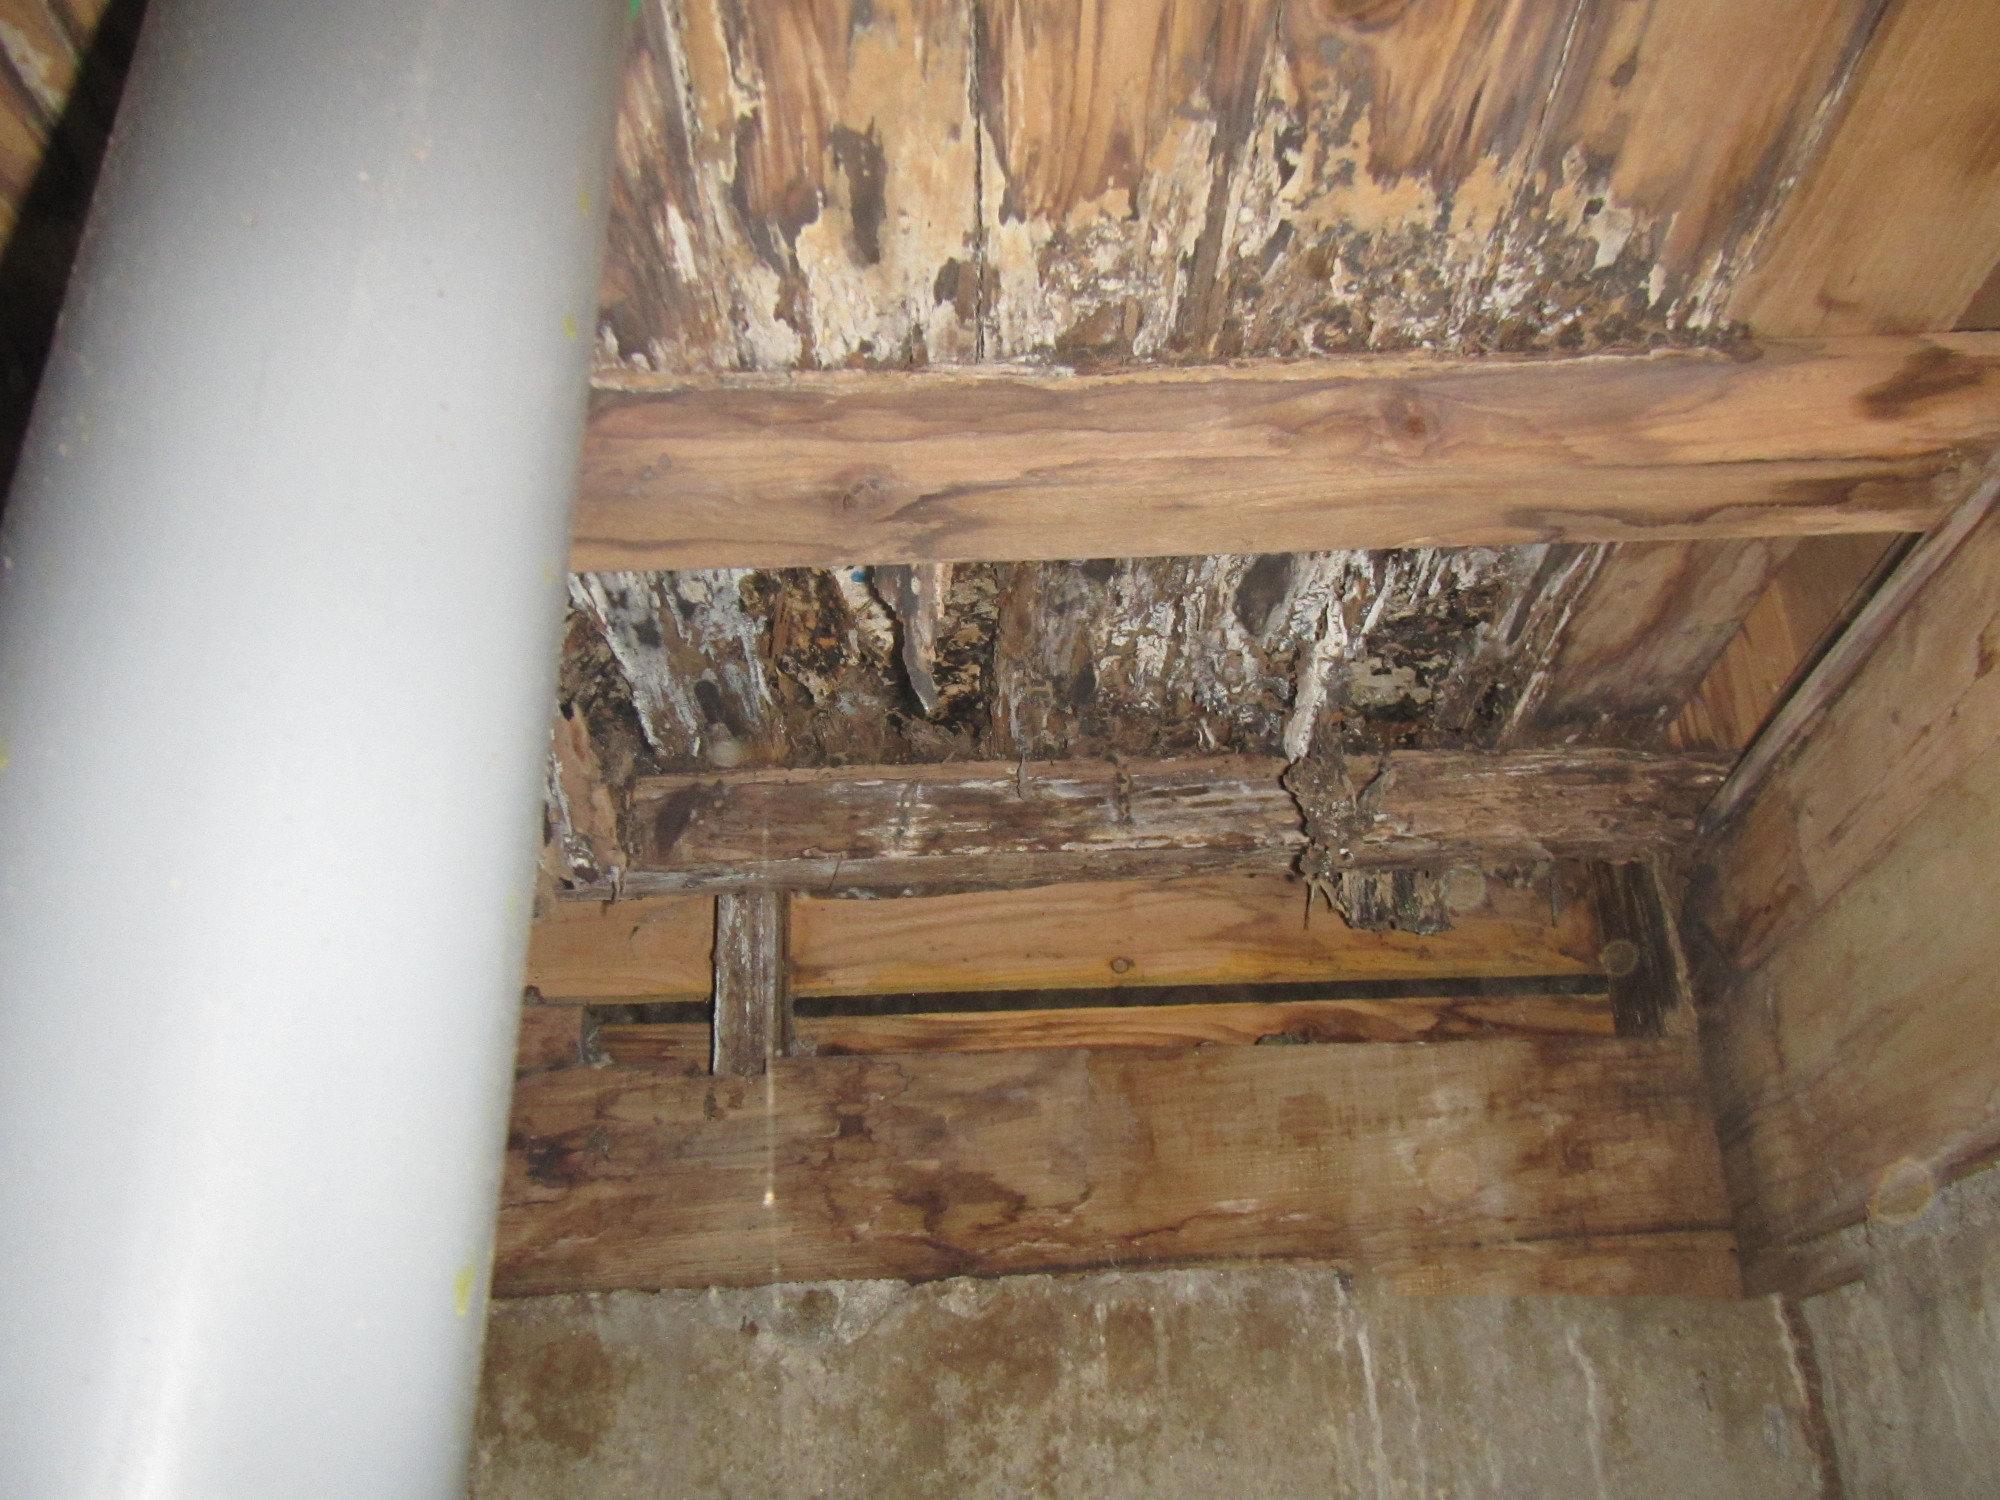 乾木白蟻是木白蟻科的俗稱,而台灣較為常見的品種叫做「截頭堆砂白蟻」。這些木白蟻習慣啃食乾燥木頭,對家中木造家具、建築結構造成損害。